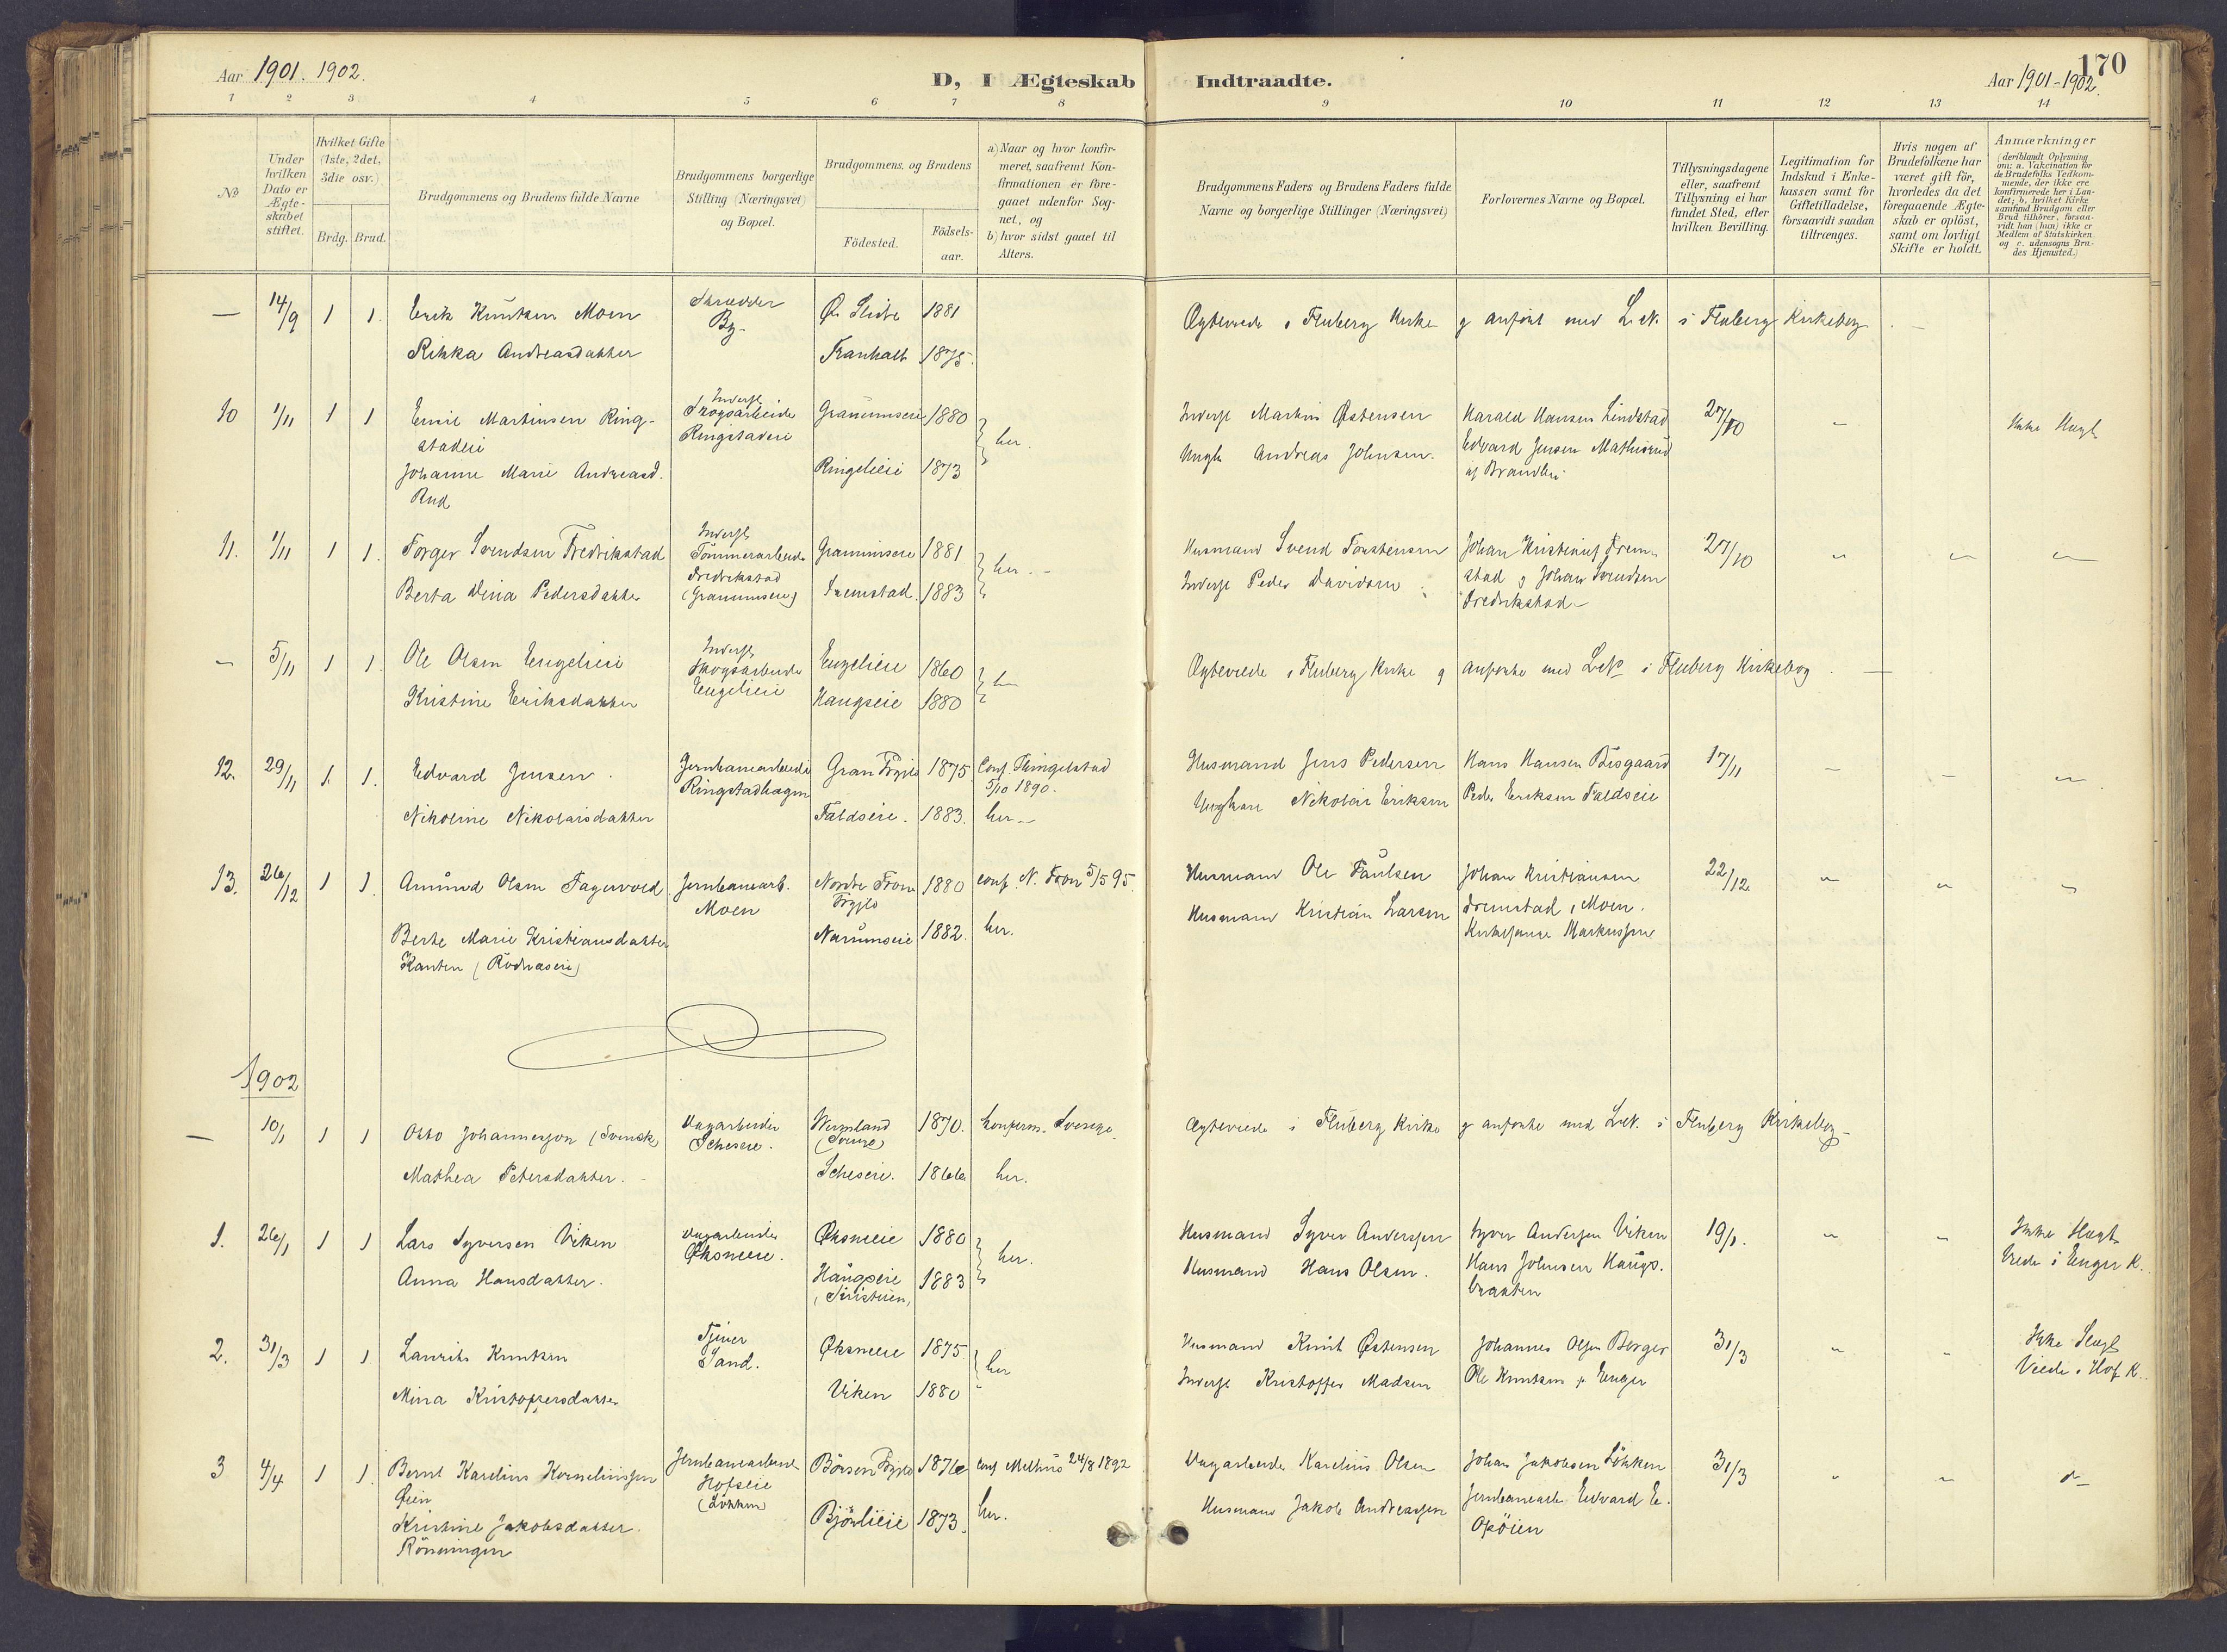 SAH, Søndre Land prestekontor, K/L0006: Ministerialbok nr. 6, 1895-1904, s. 170